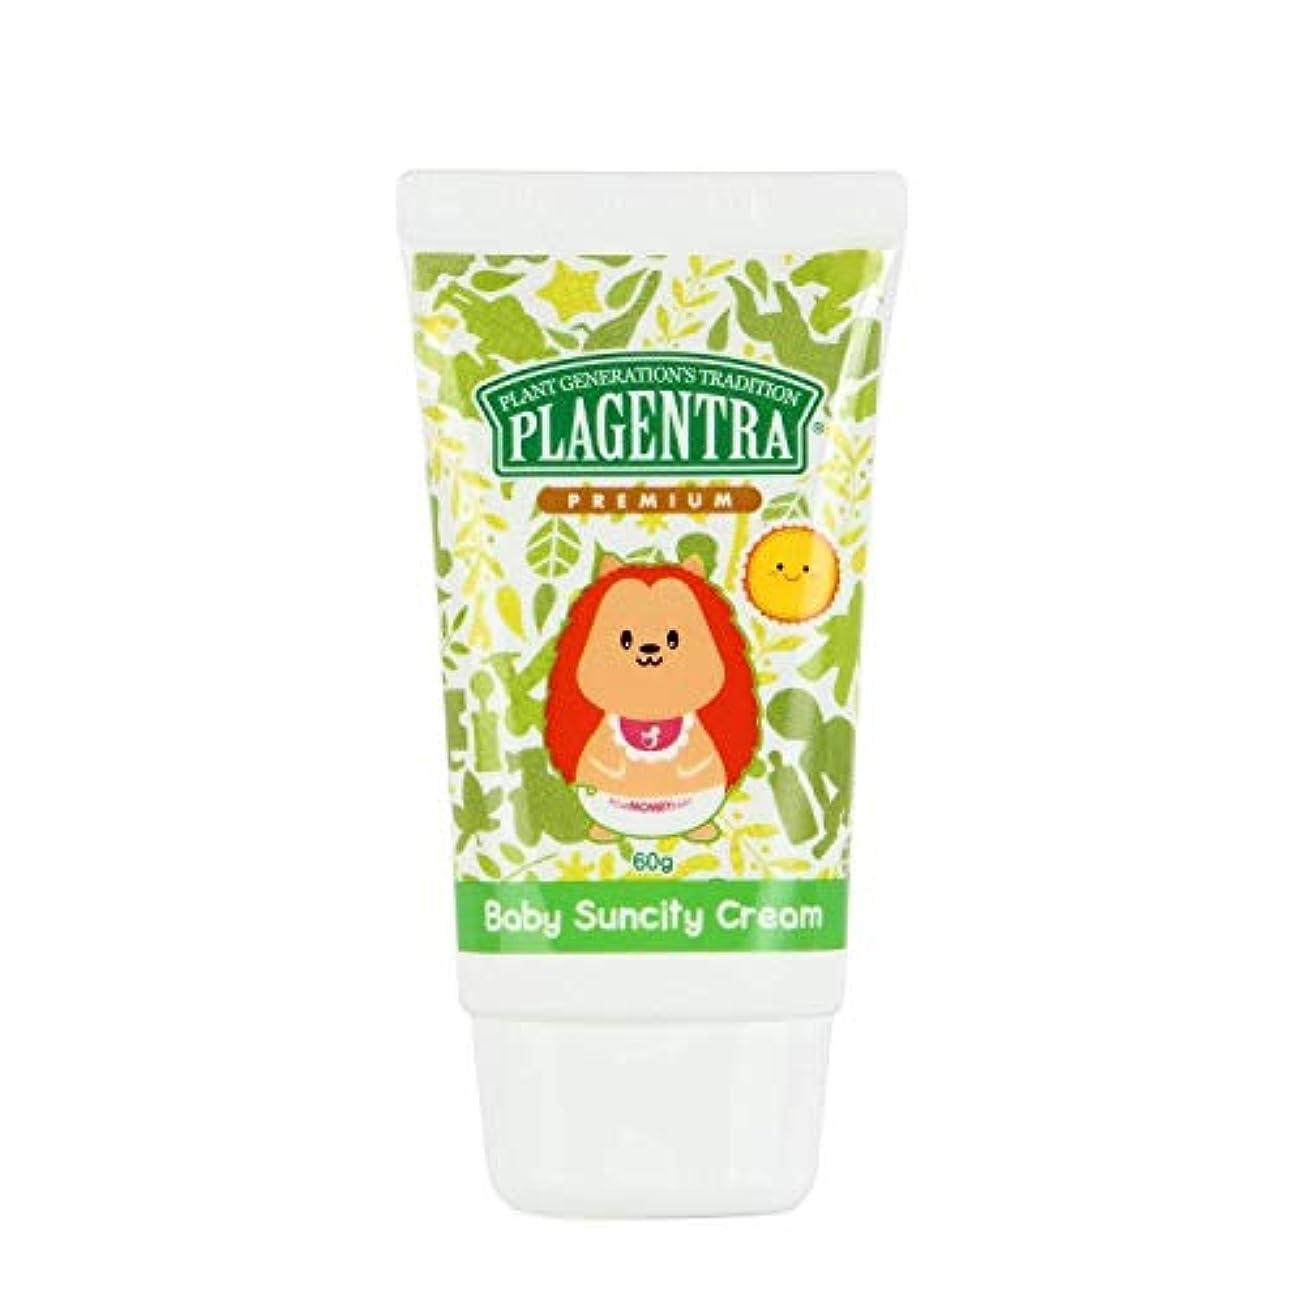 アンタゴニスト通路厚くする[ PLAGENTRA ] Baby Suncity Cream (60g) Natural Sunscreen 韓国 日焼け止め